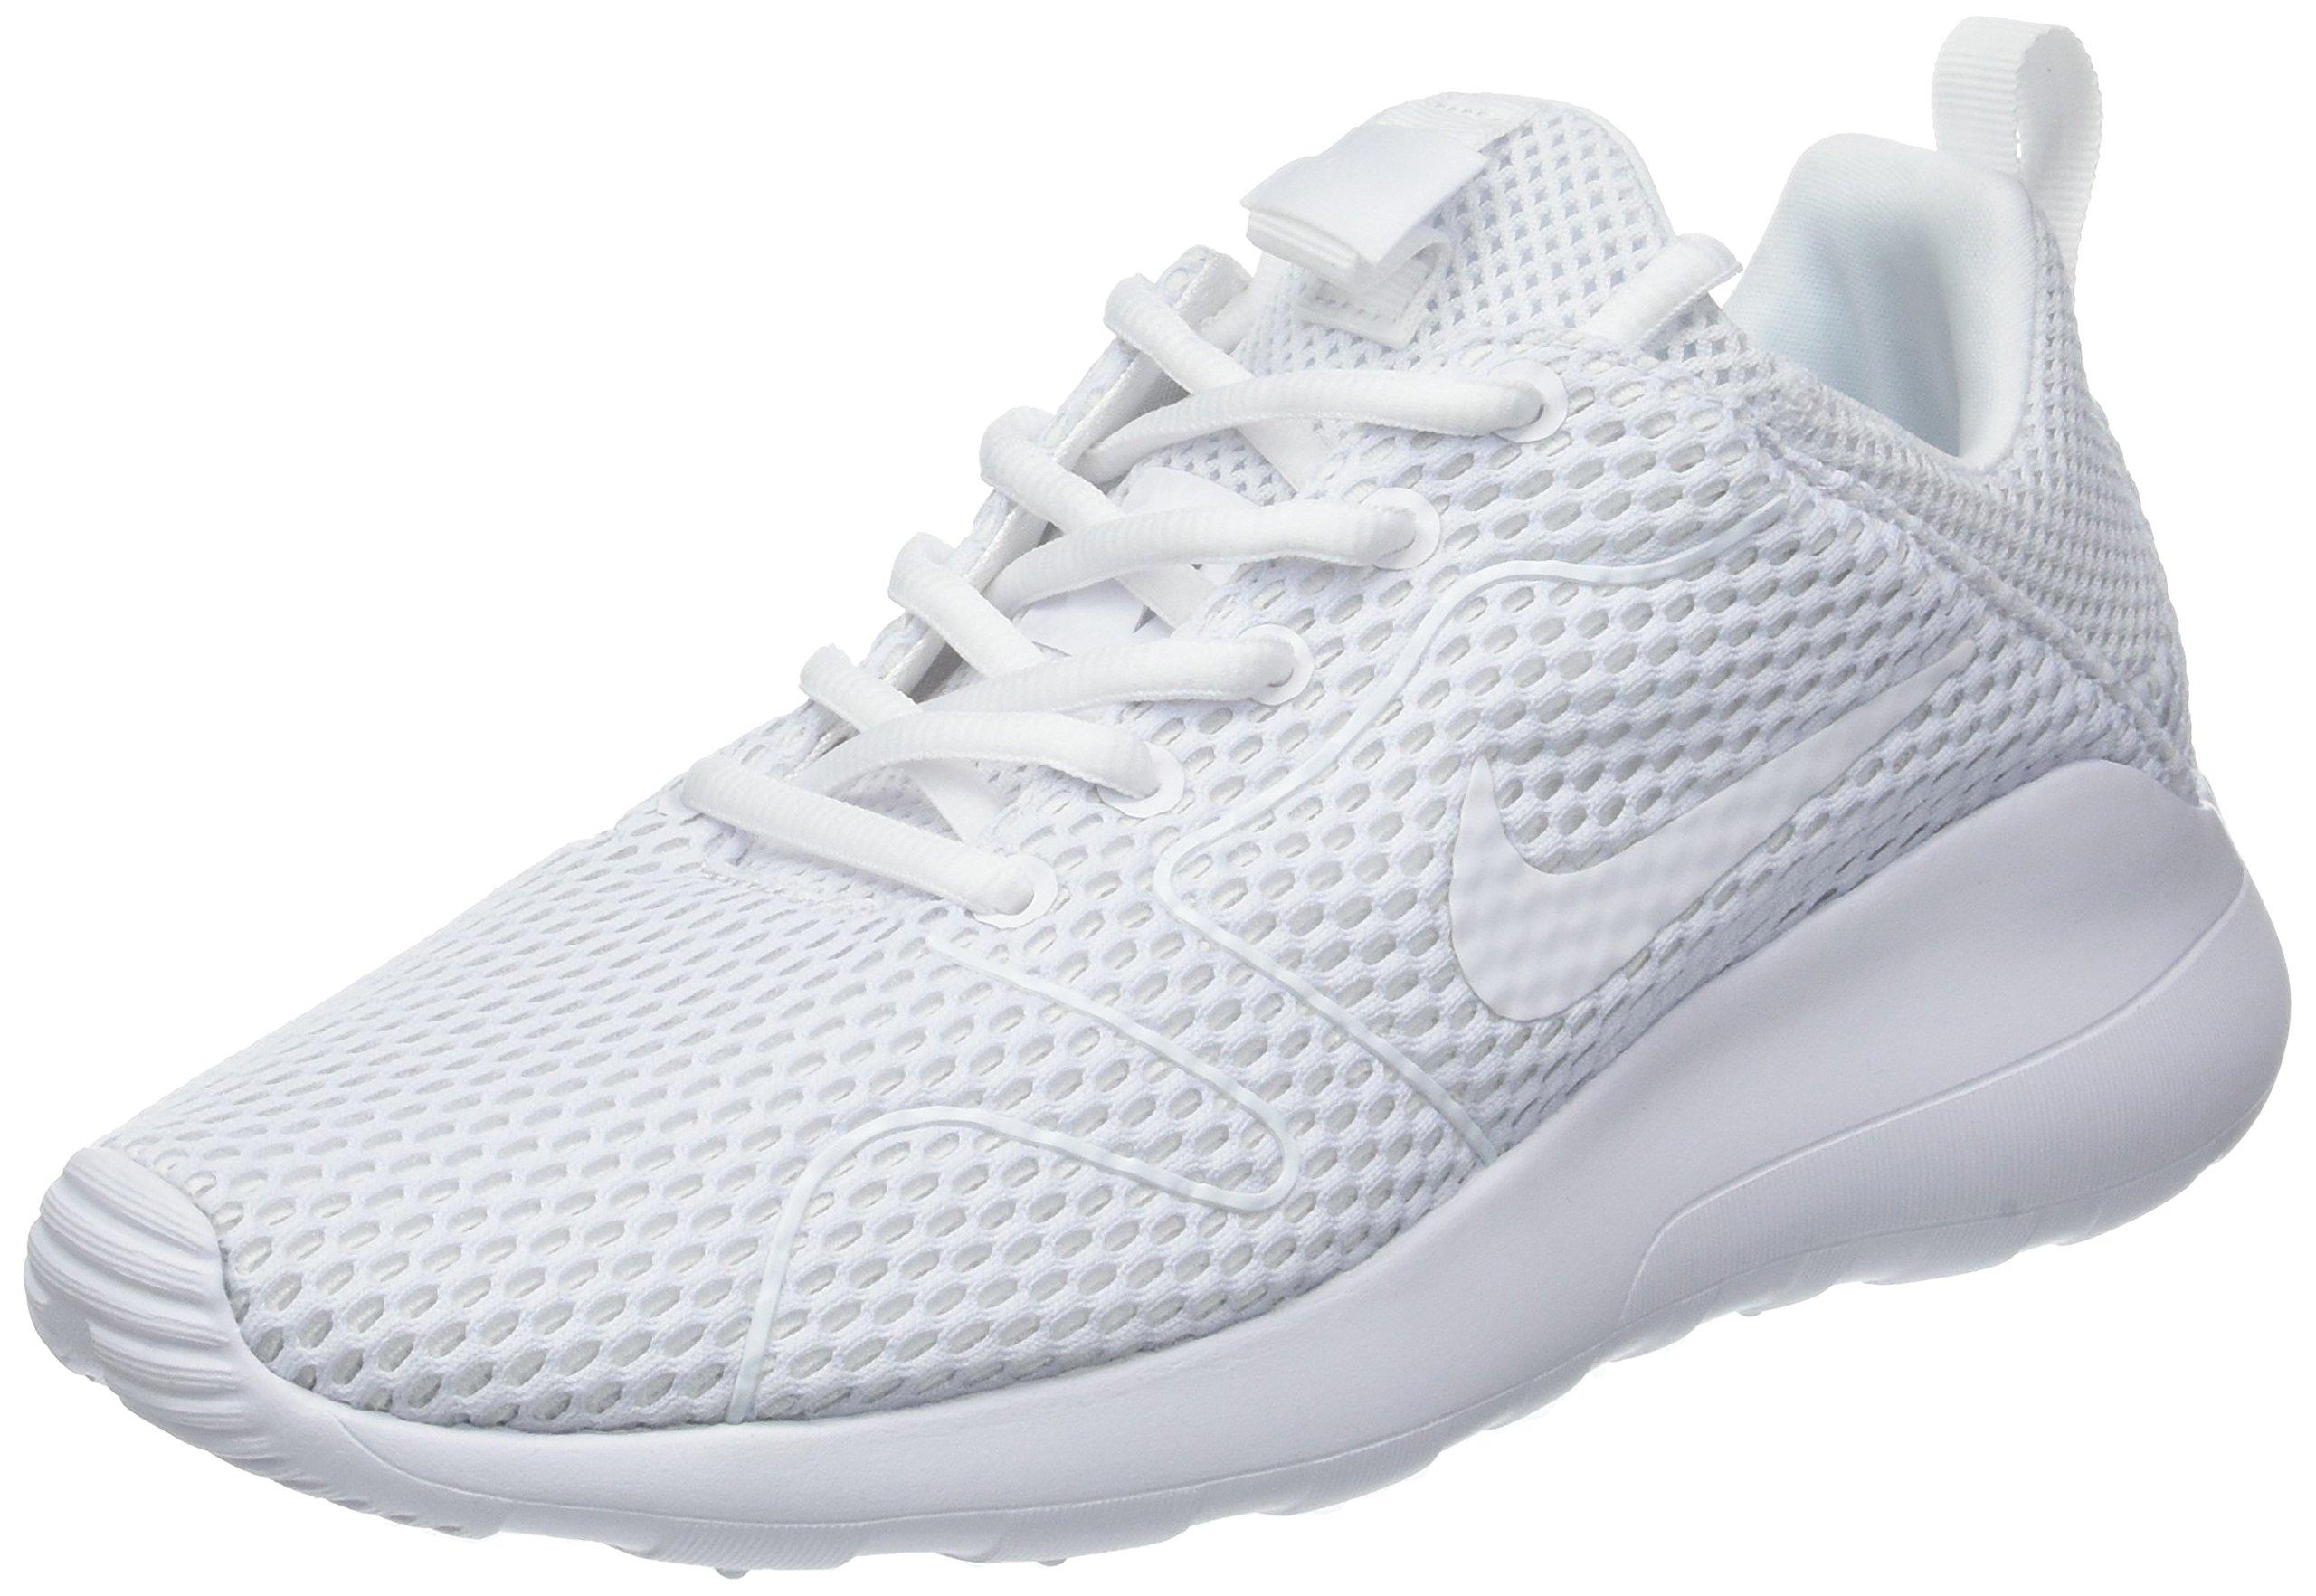 0cd2f38dbdb Galleon - Nike Men s Kaishi 2.0 SE Shoes (9